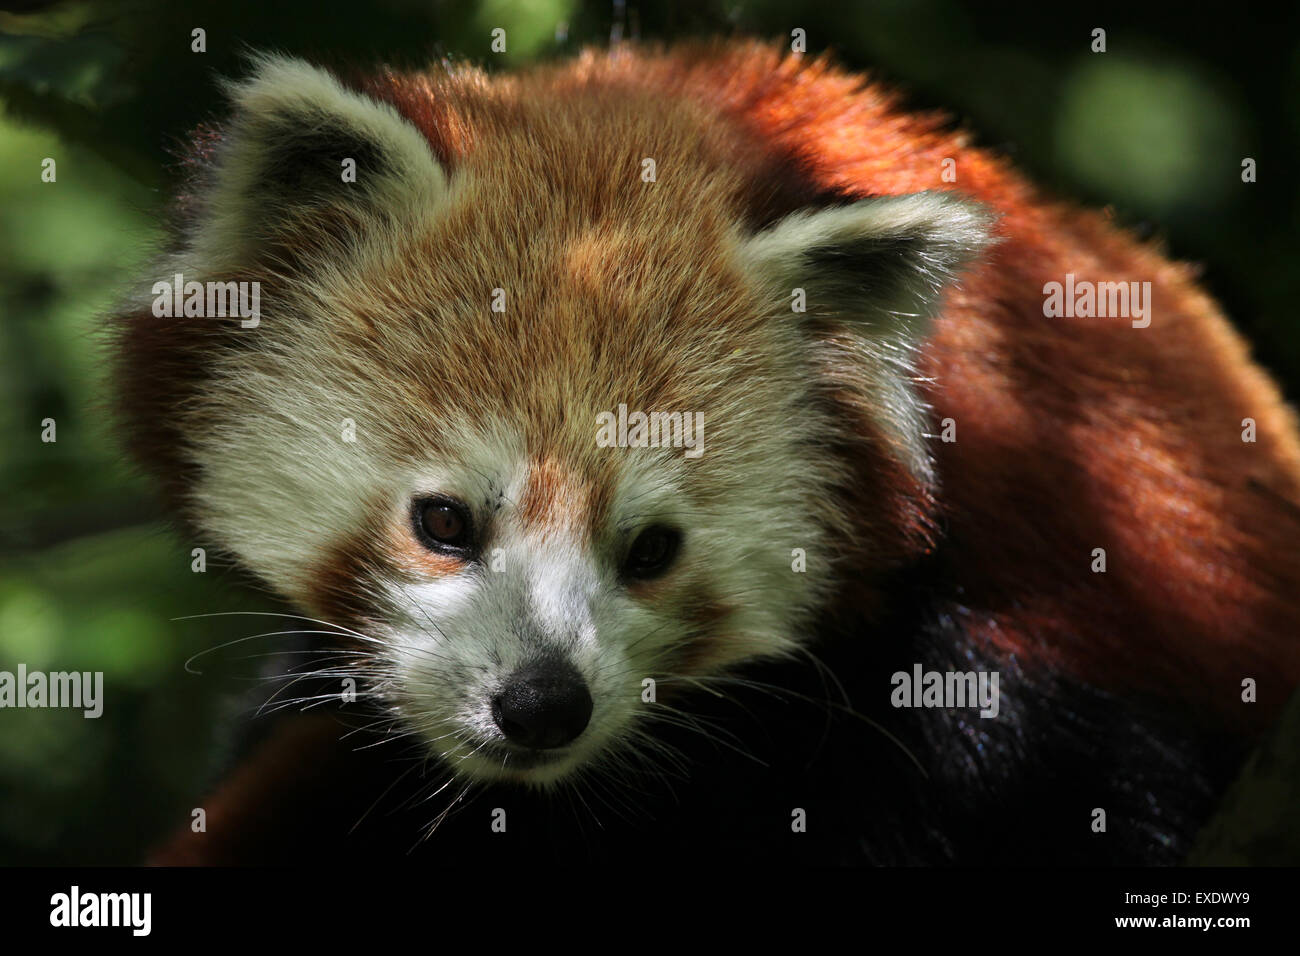 Panda rouge (Ailurus fulgens fulgens) au zoo de Liberec en Bohême du Nord, en République tchèque. Photo Stock